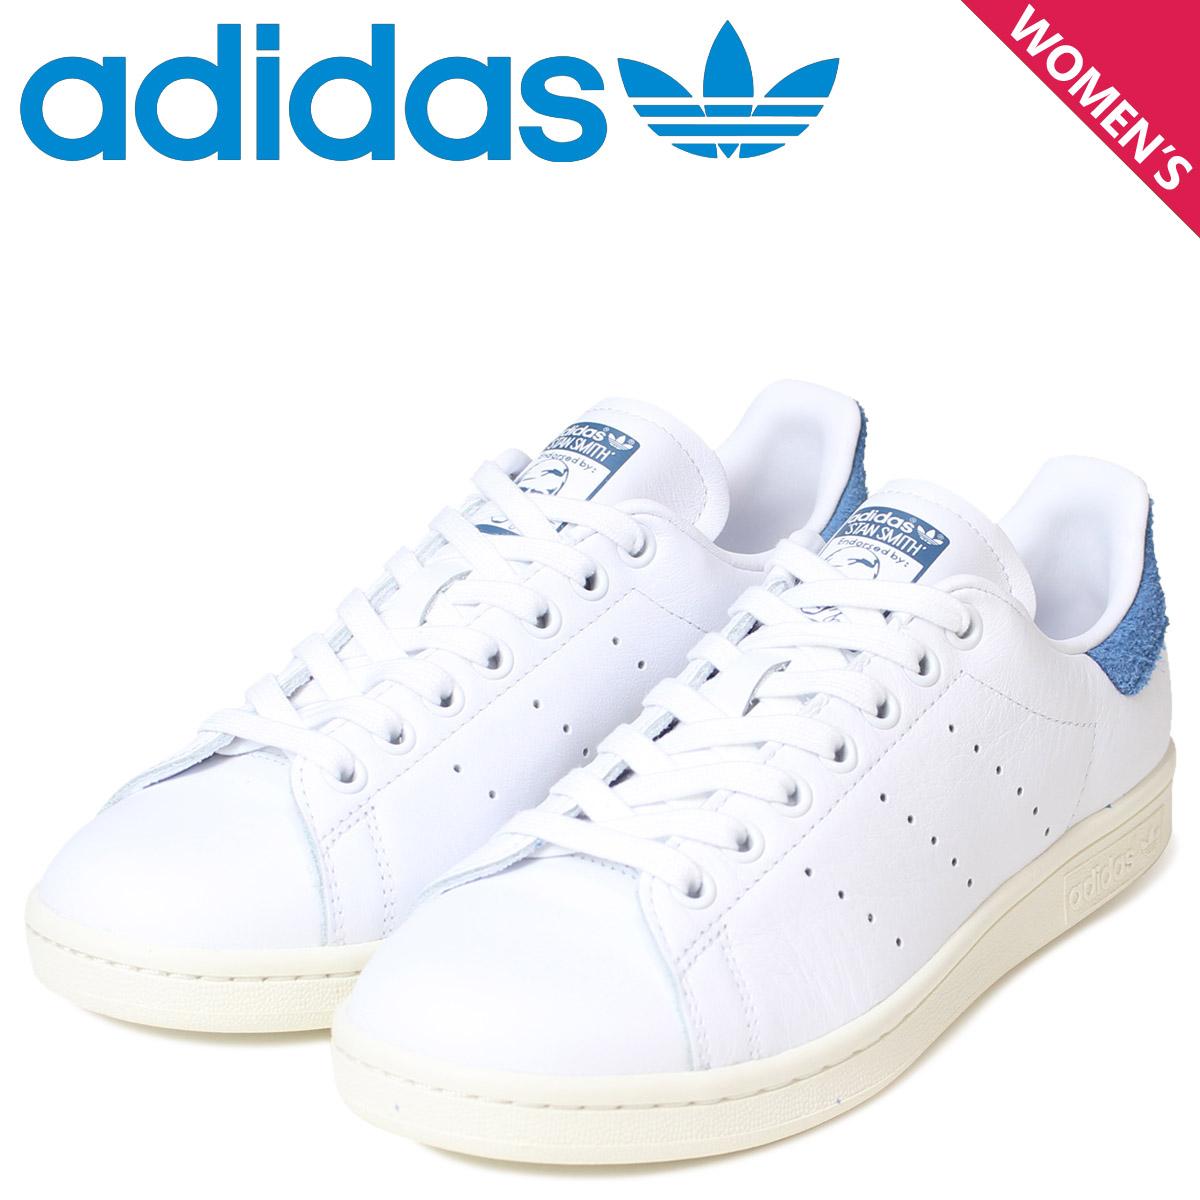 adidas originals stan smith 2 shoes